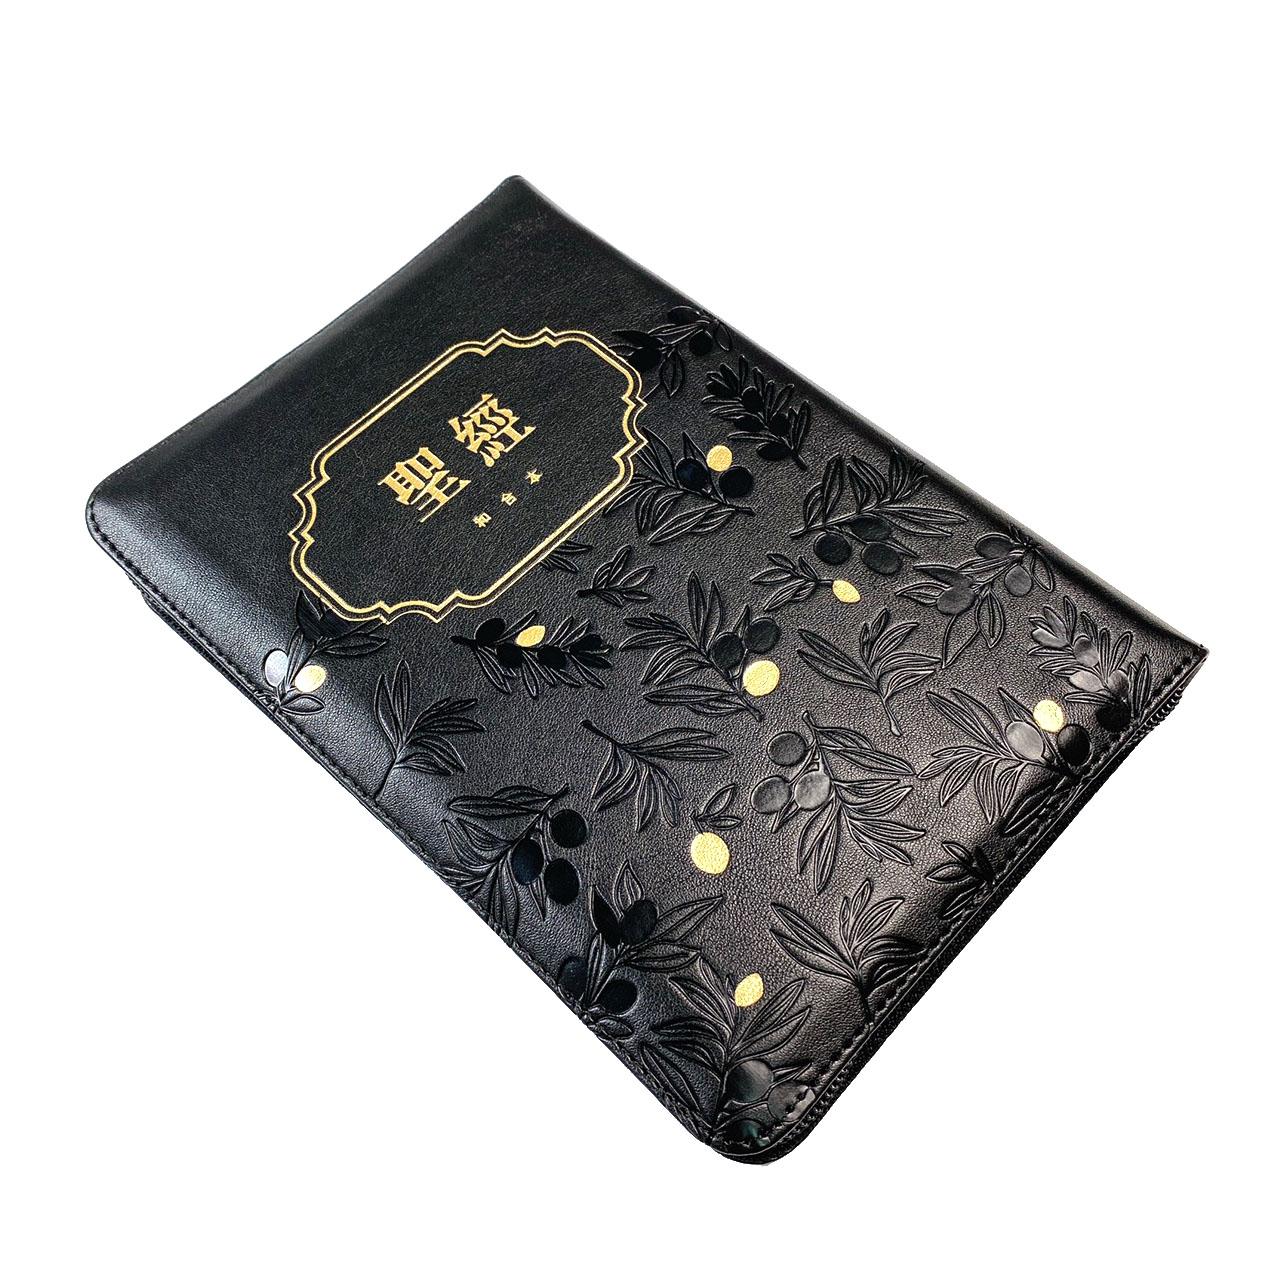 (黑橄欖/金)皮面壓紋拉鍊索引_6系列聖經和合本